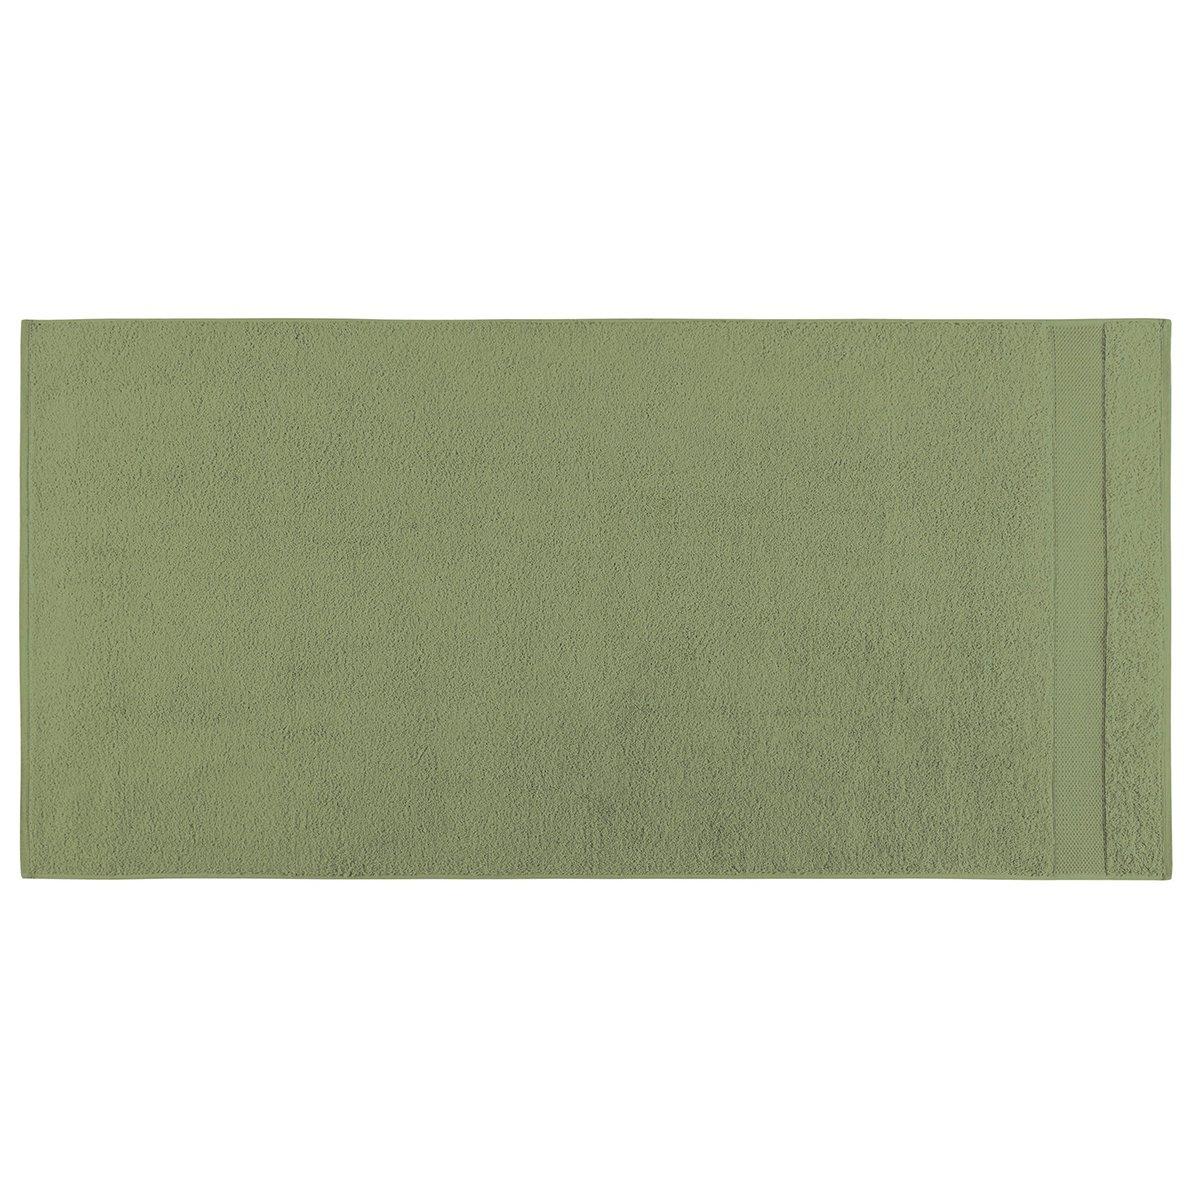 Drap de douche coton 70x140 cm cèdre